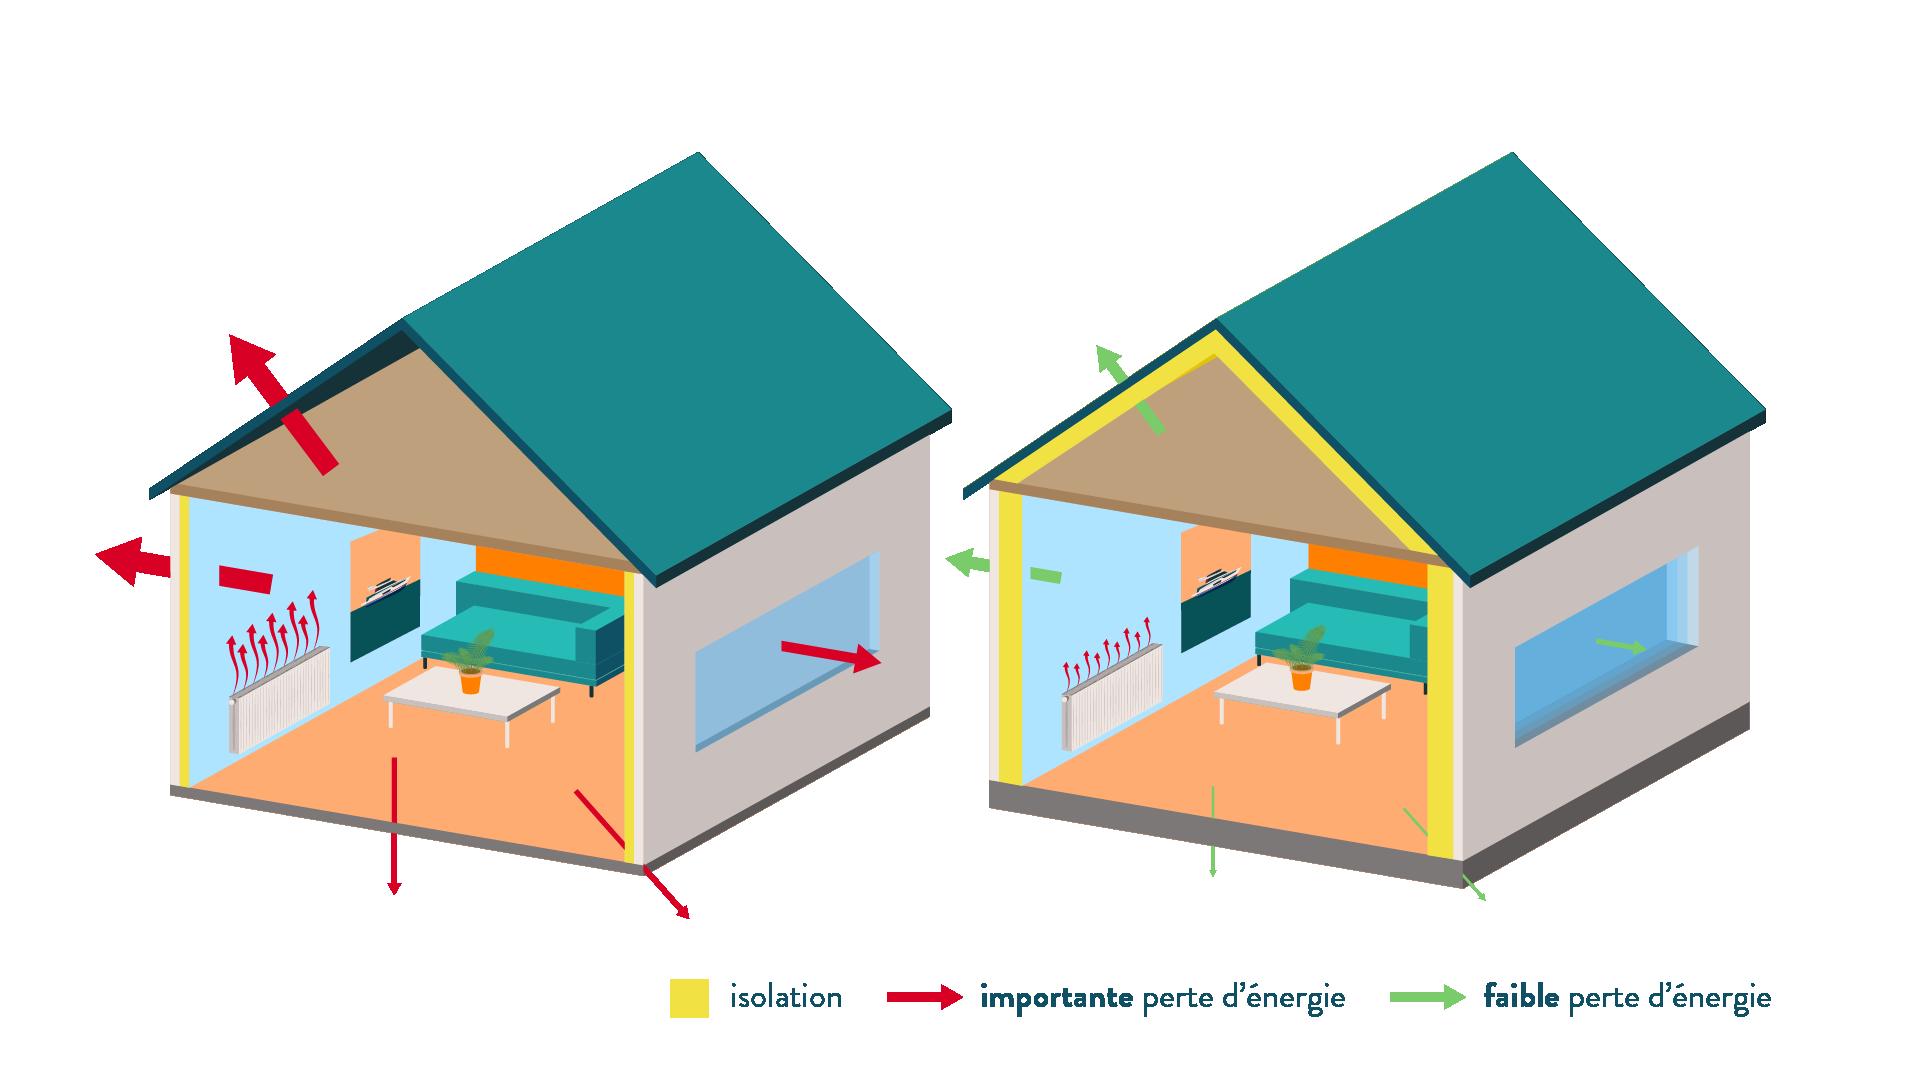 Le rôle de l'isolation d'une maison